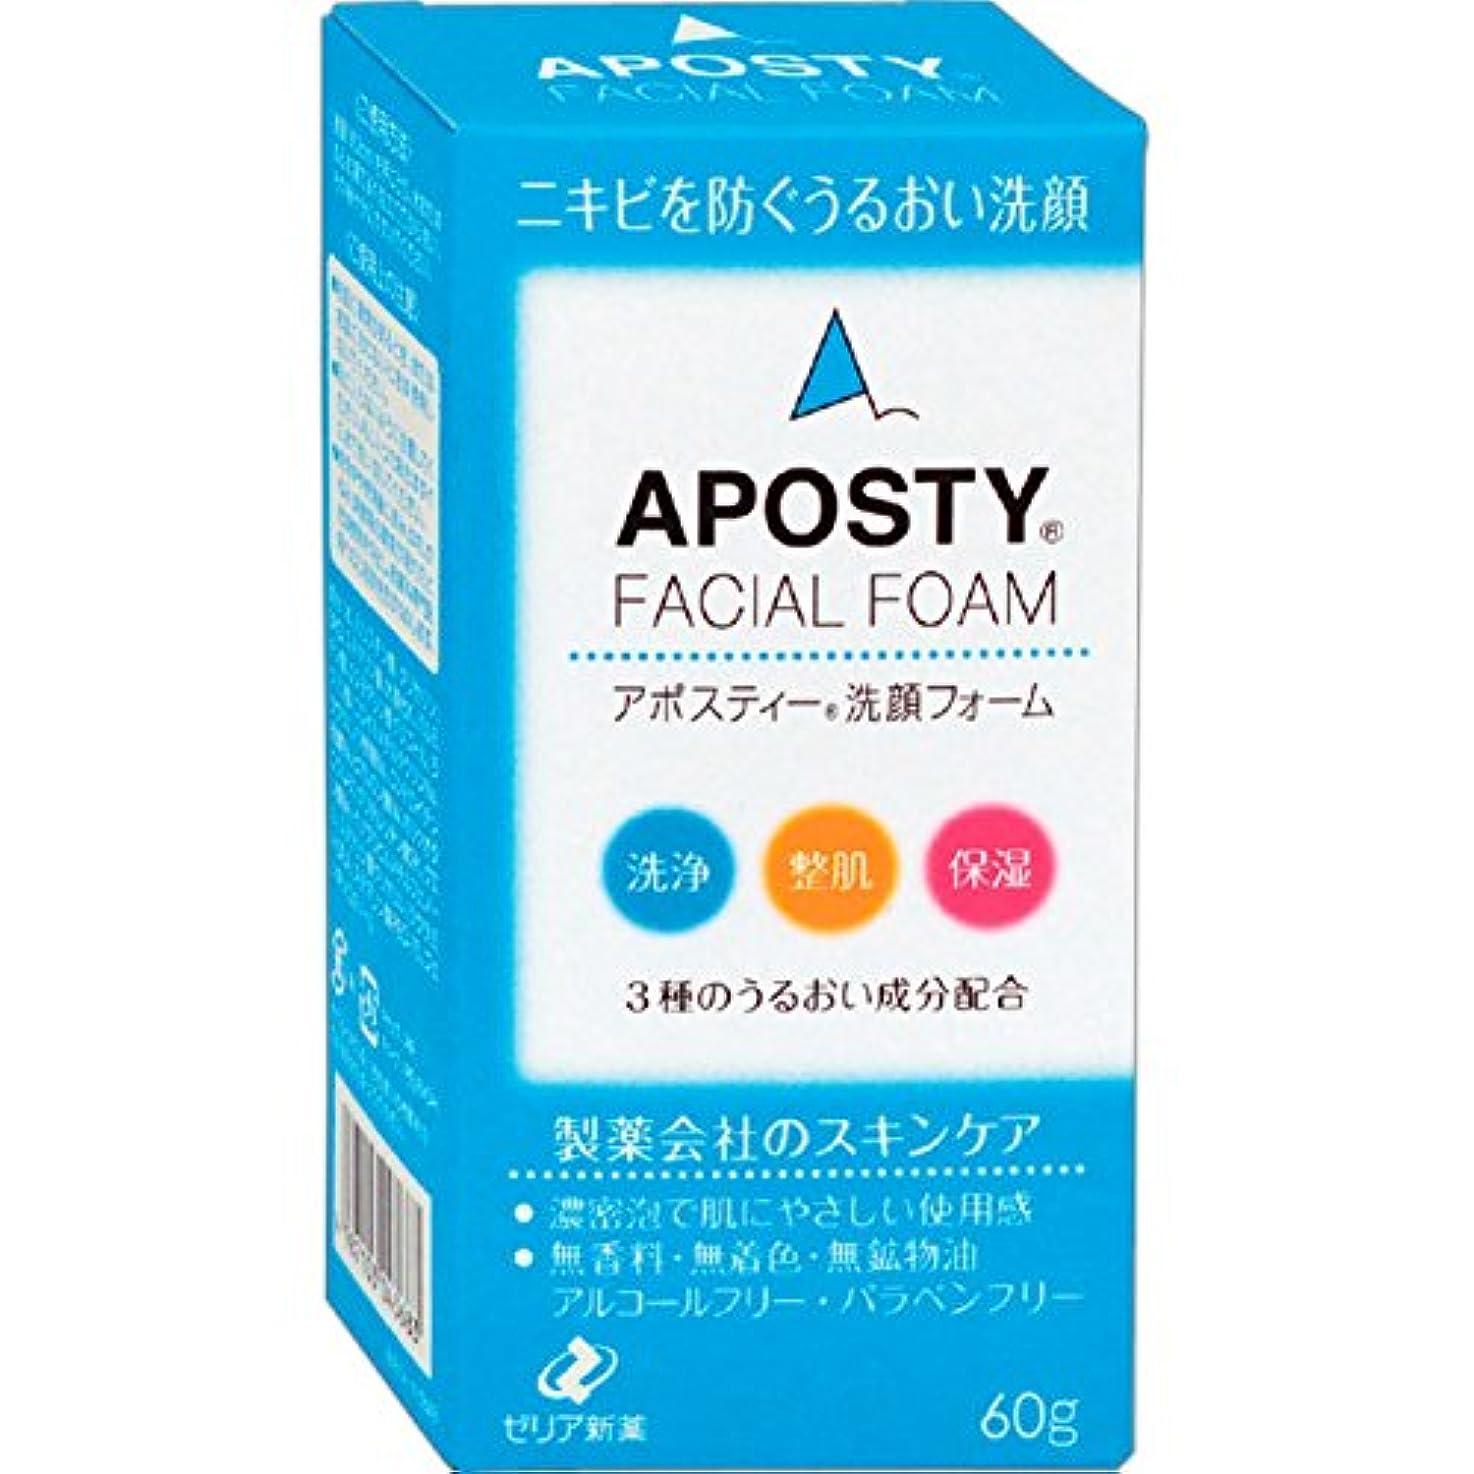 みがきます初期のアナログゼリア新薬工業 アポスティー 洗顔フォーム 60g